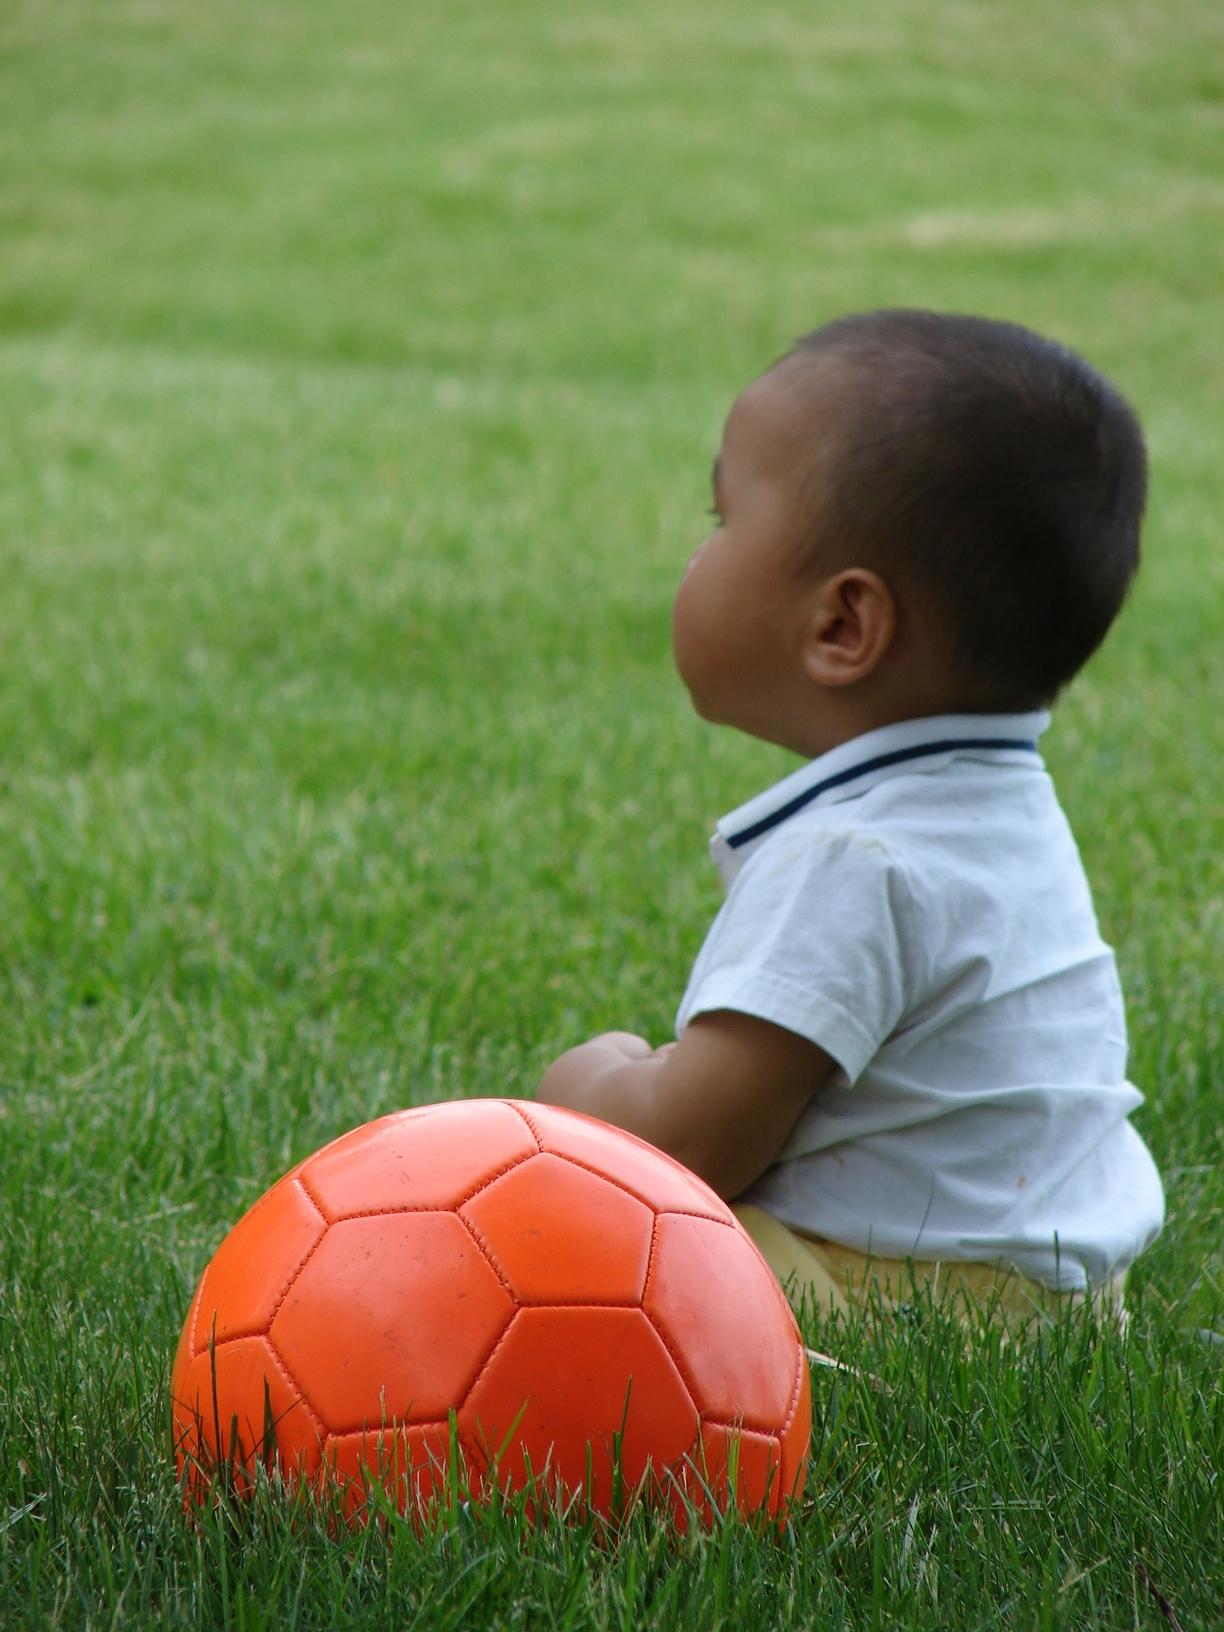 好多人在踢球。我攒一个橘色的先。